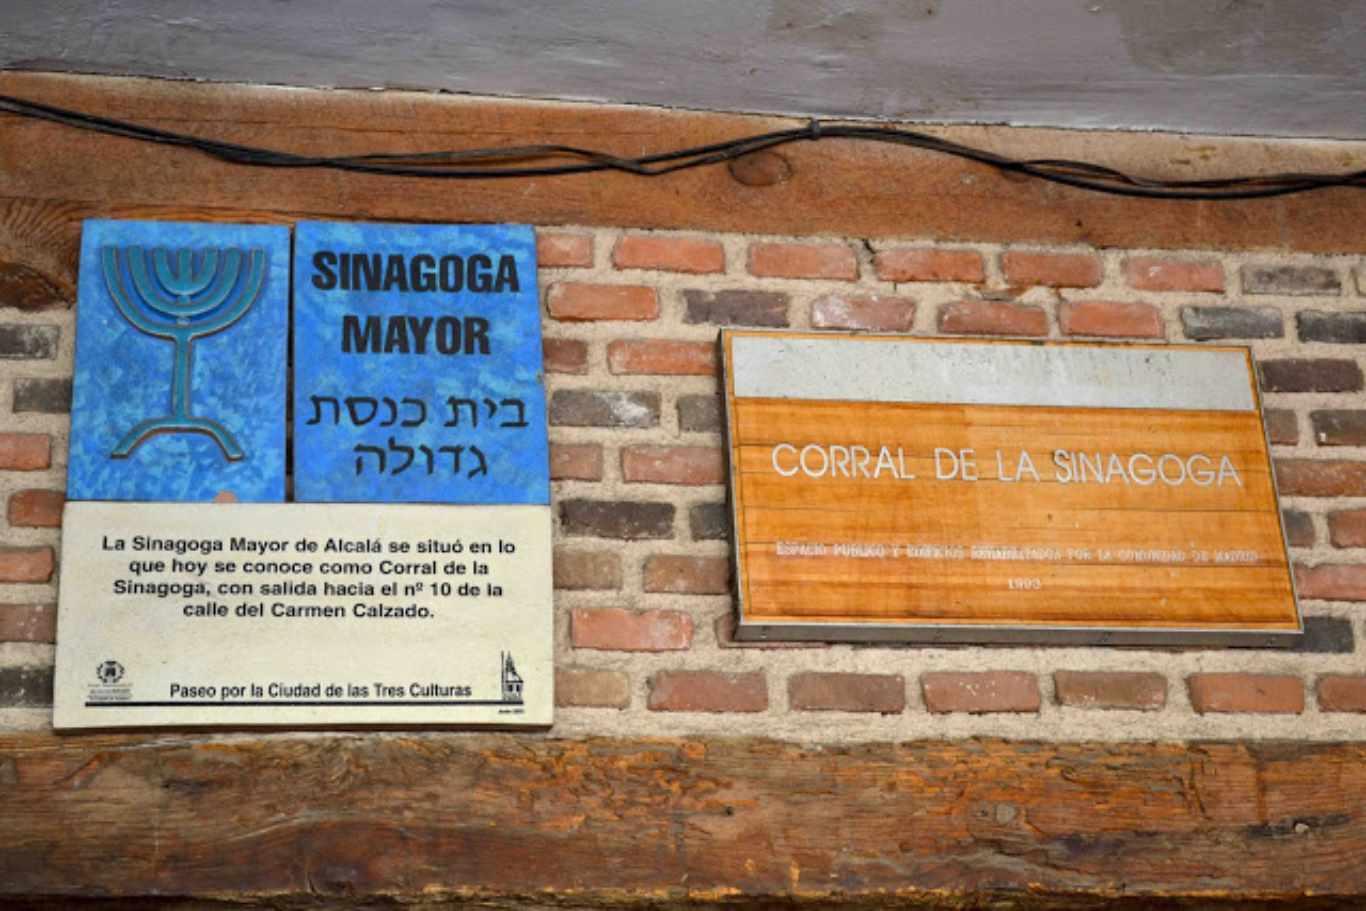 Corral de la Sinagoga, la Alcalá judía